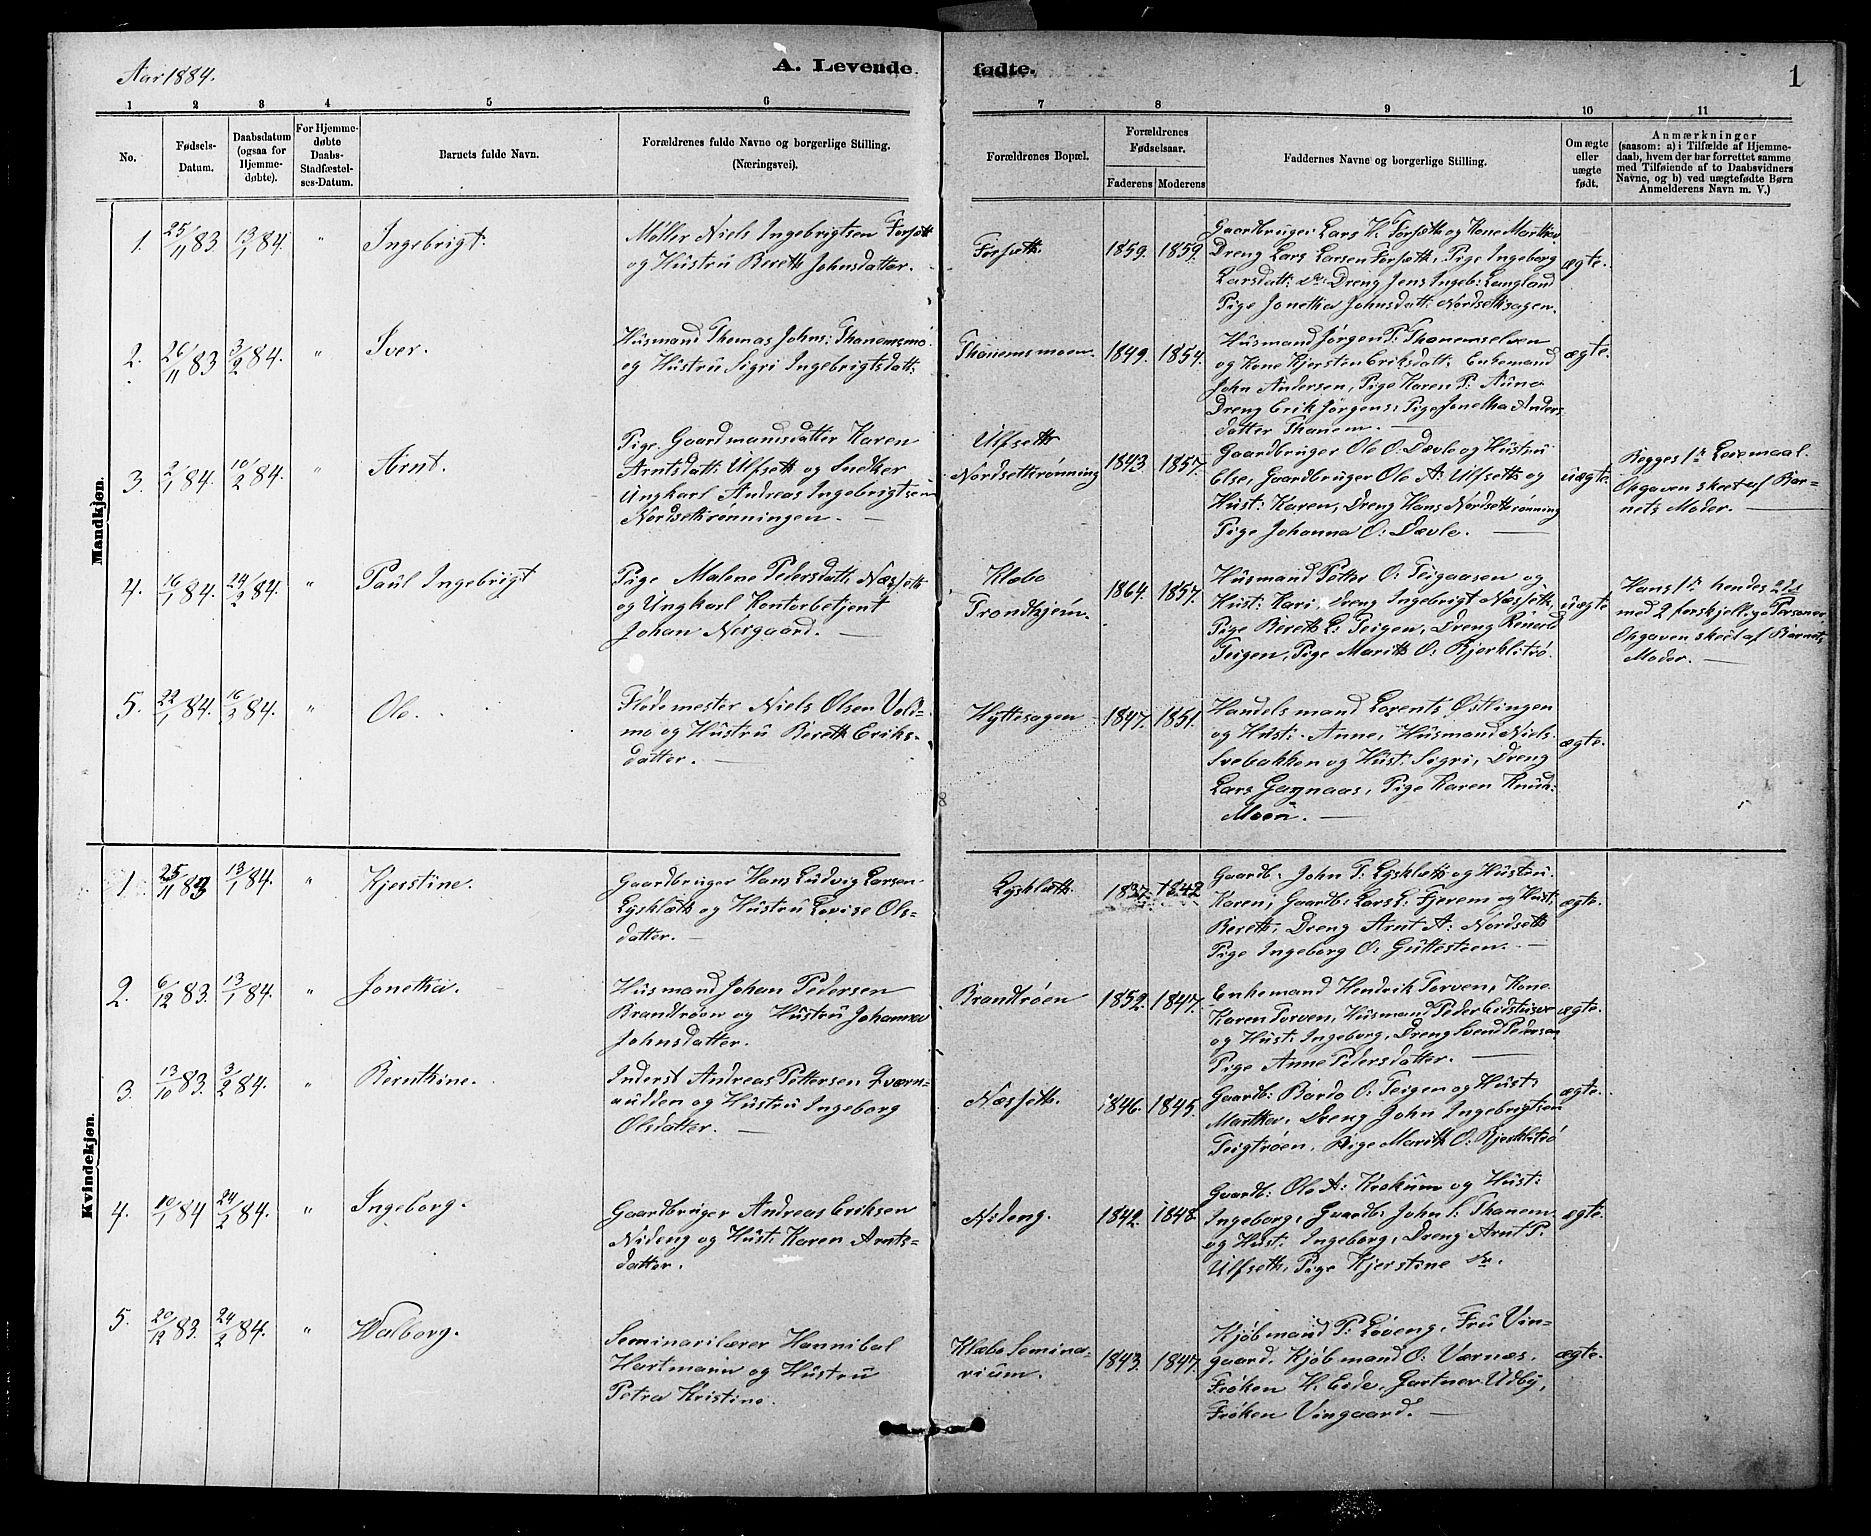 SAT, Ministerialprotokoller, klokkerbøker og fødselsregistre - Sør-Trøndelag, 618/L0452: Klokkerbok nr. 618C03, 1884-1906, s. 1